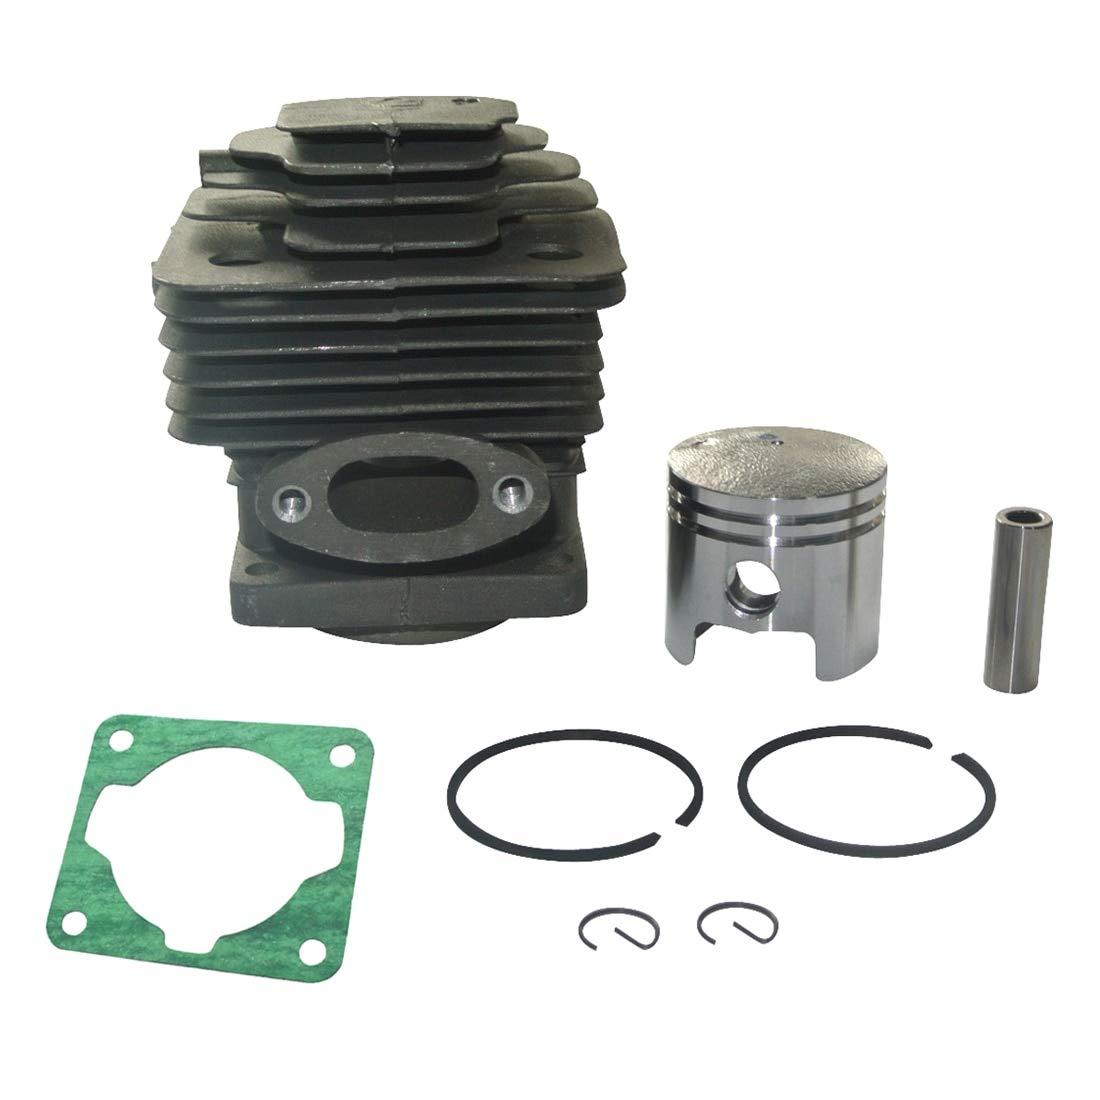 Set anello kit pistone 36mm per cilindro MITSUBISHI TL33 cinese BG330 2 ordini